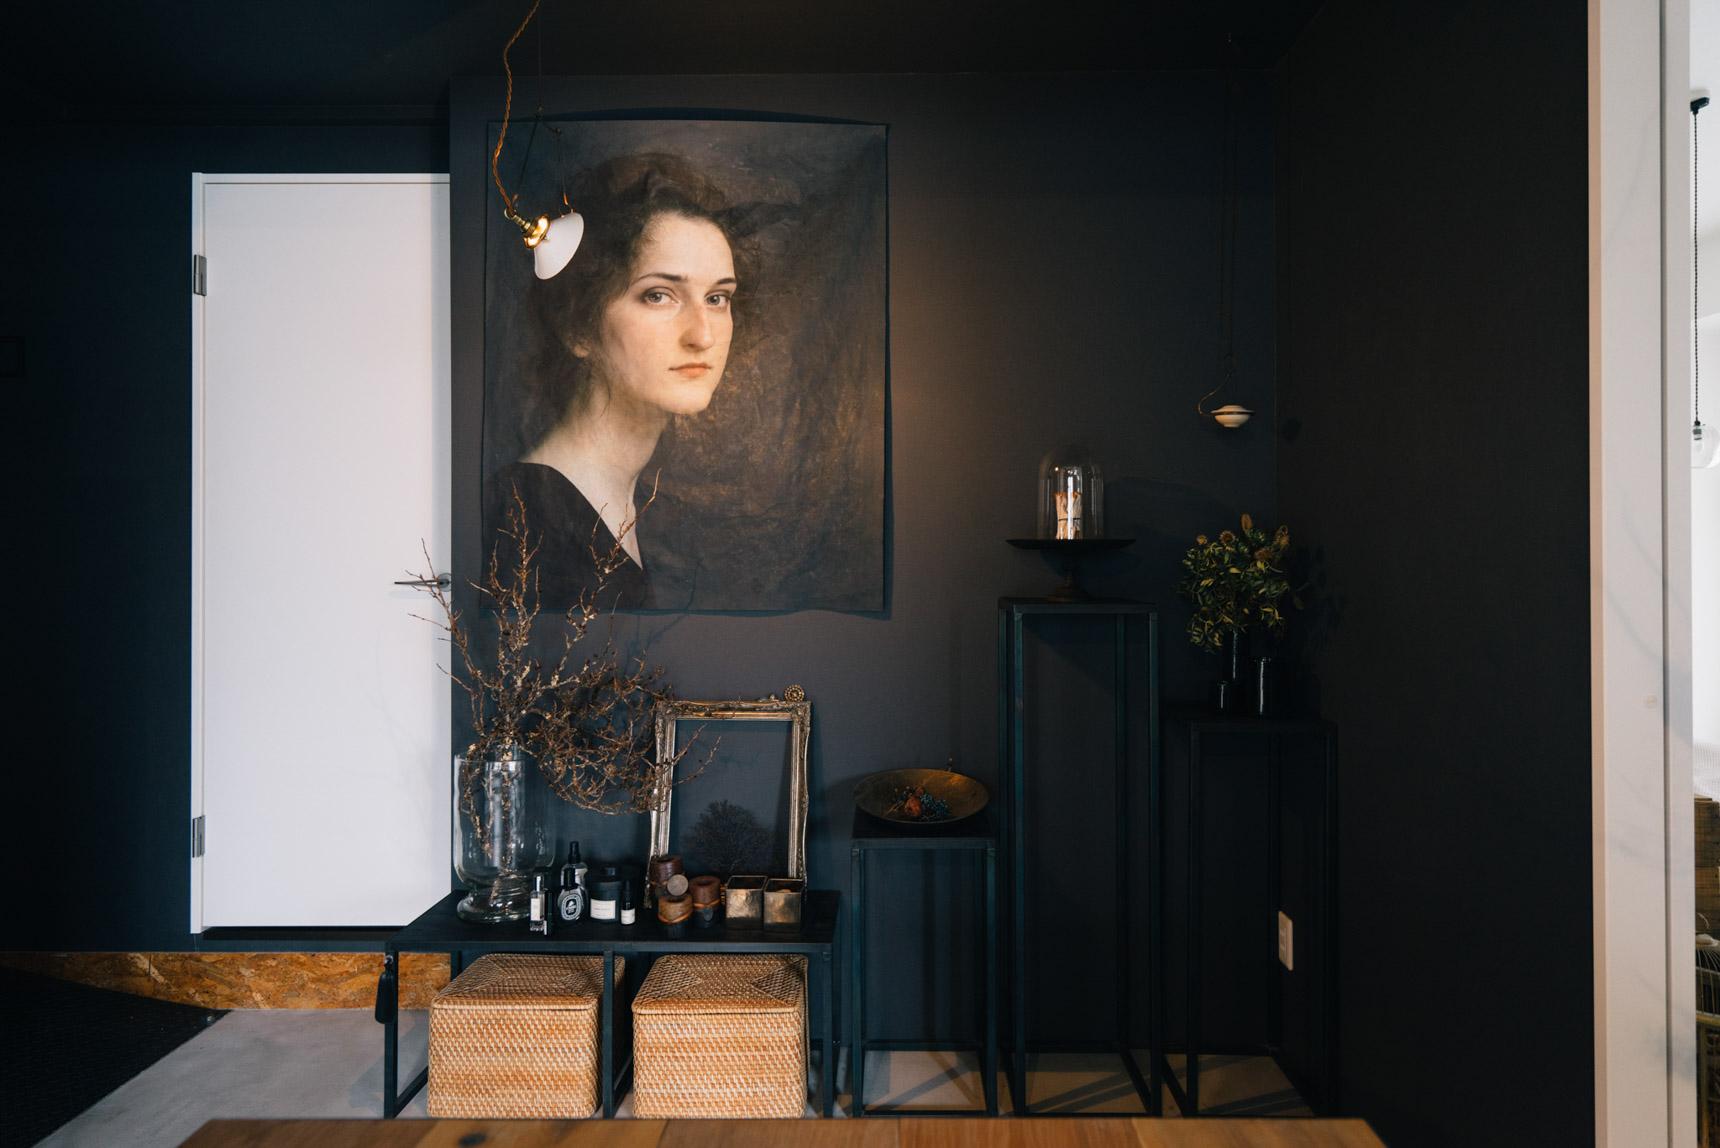 こちらのダイニングテーブル横の壁。キッチンと同じOSB合板だったのを、リビングと合わせた黒の壁紙にしてもらいました。かけられているのは、絵画を布にプリントし、さらにロウを塗りわざとシワをつけて仕上げた、オリジナルのアート。